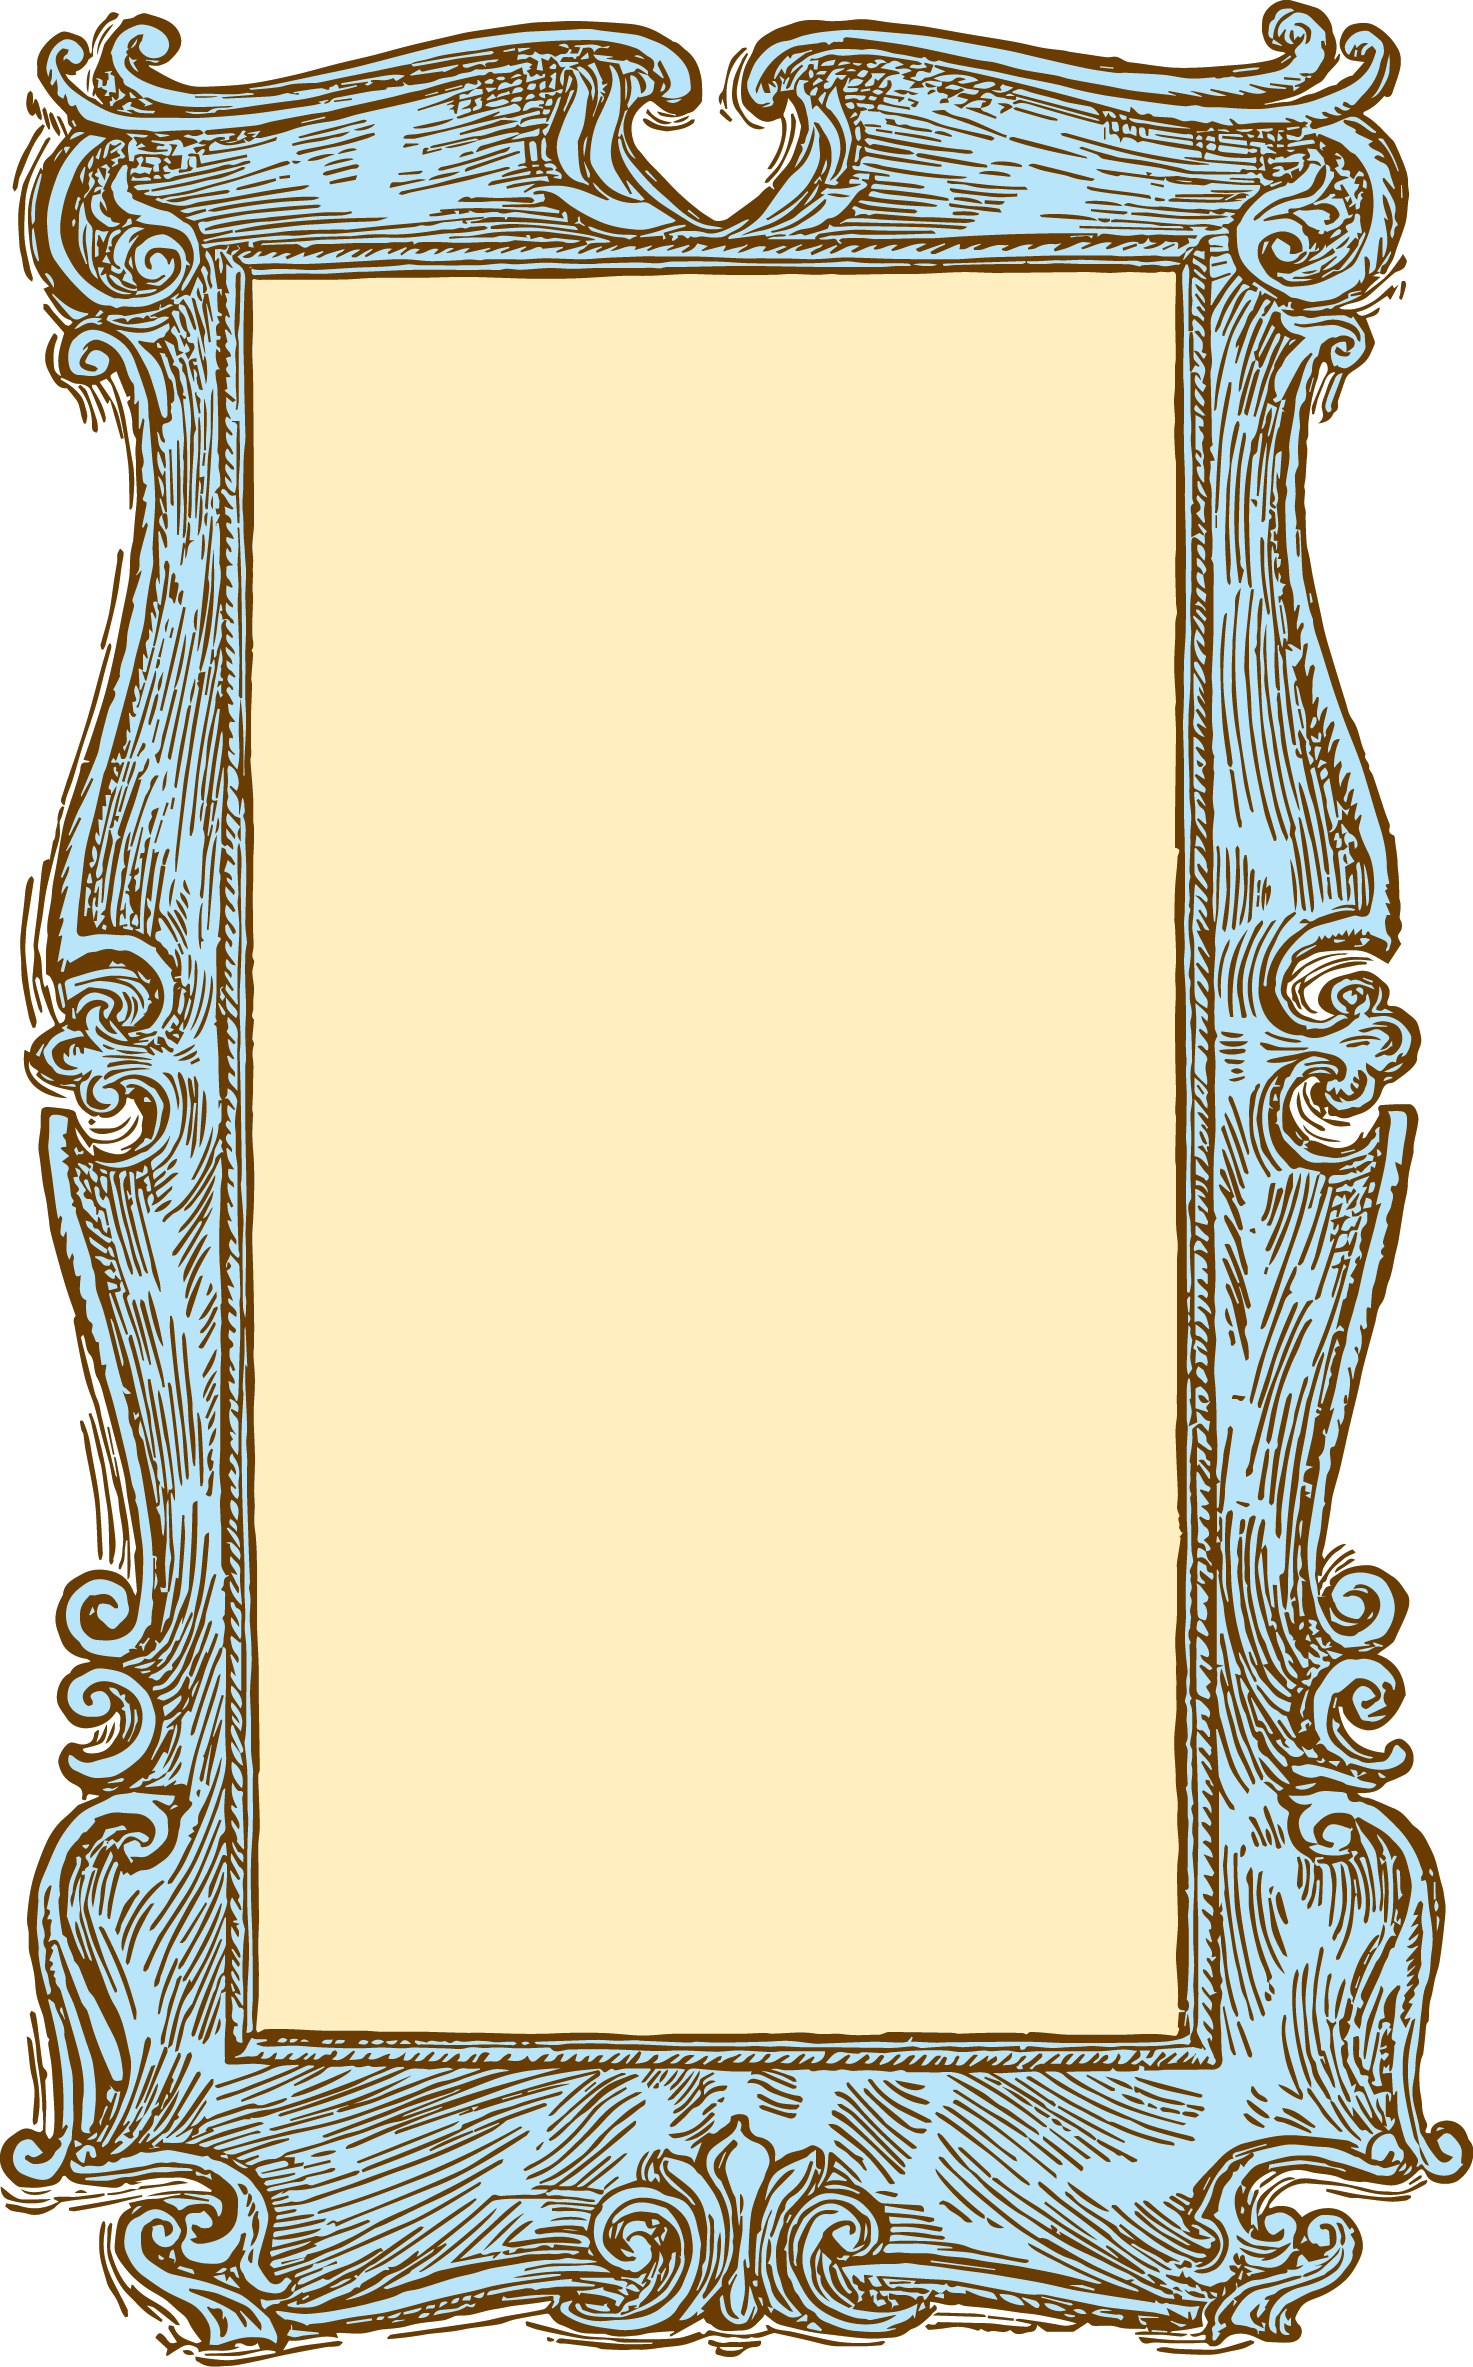 Clipart free vintage. Old wood frame hanslodge